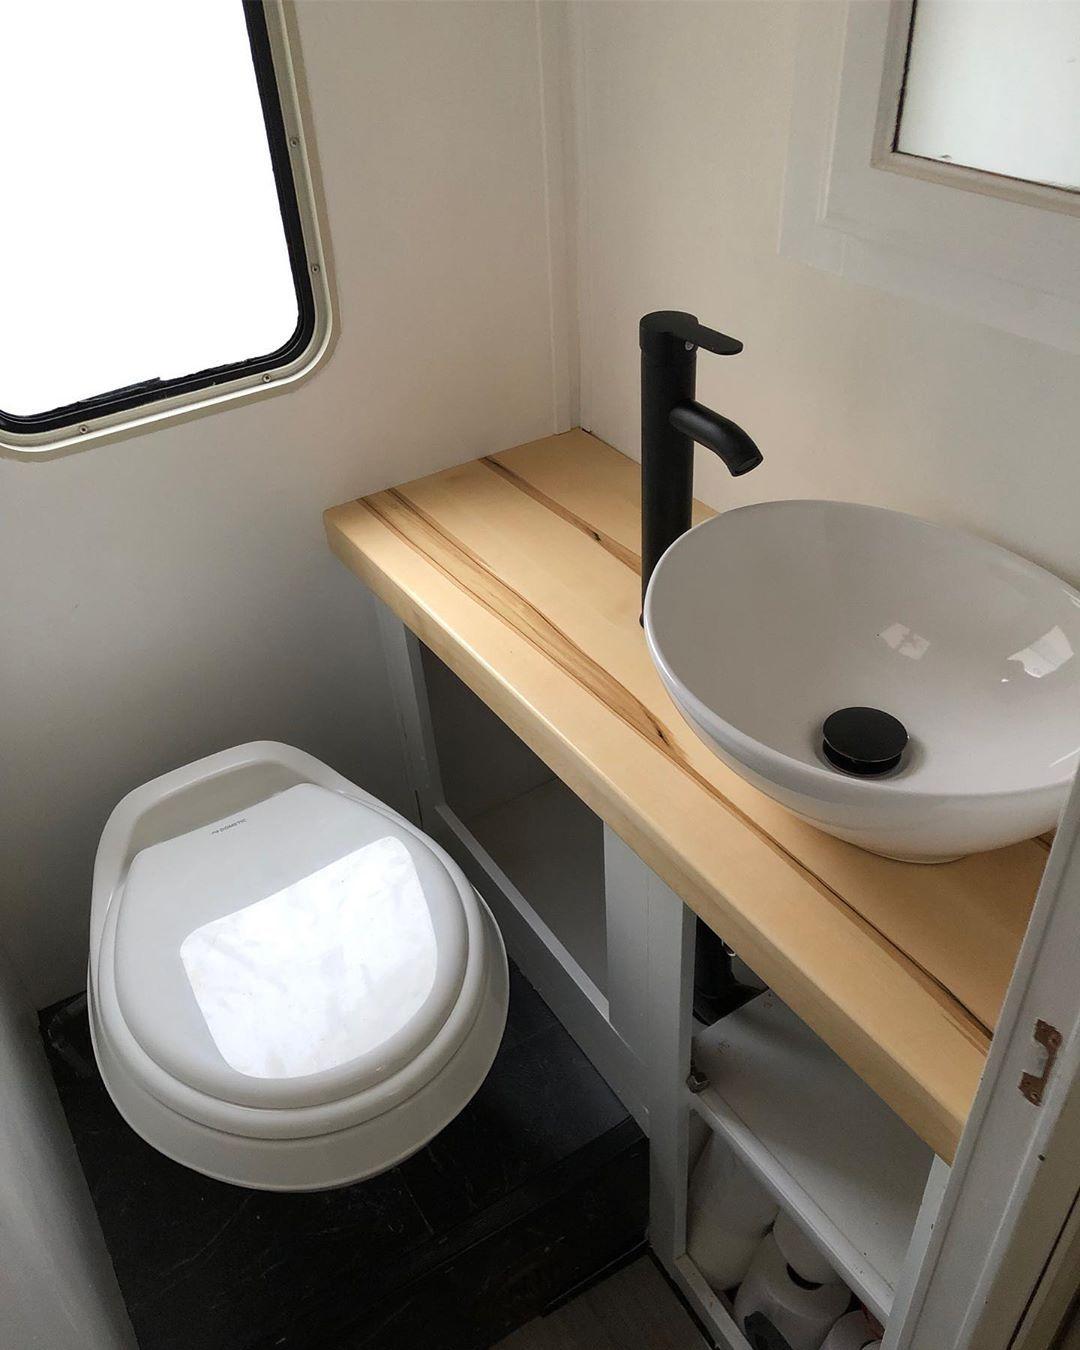 Caravan Sinks & Taps | Caravan Renovation Series | Ben & Michelle